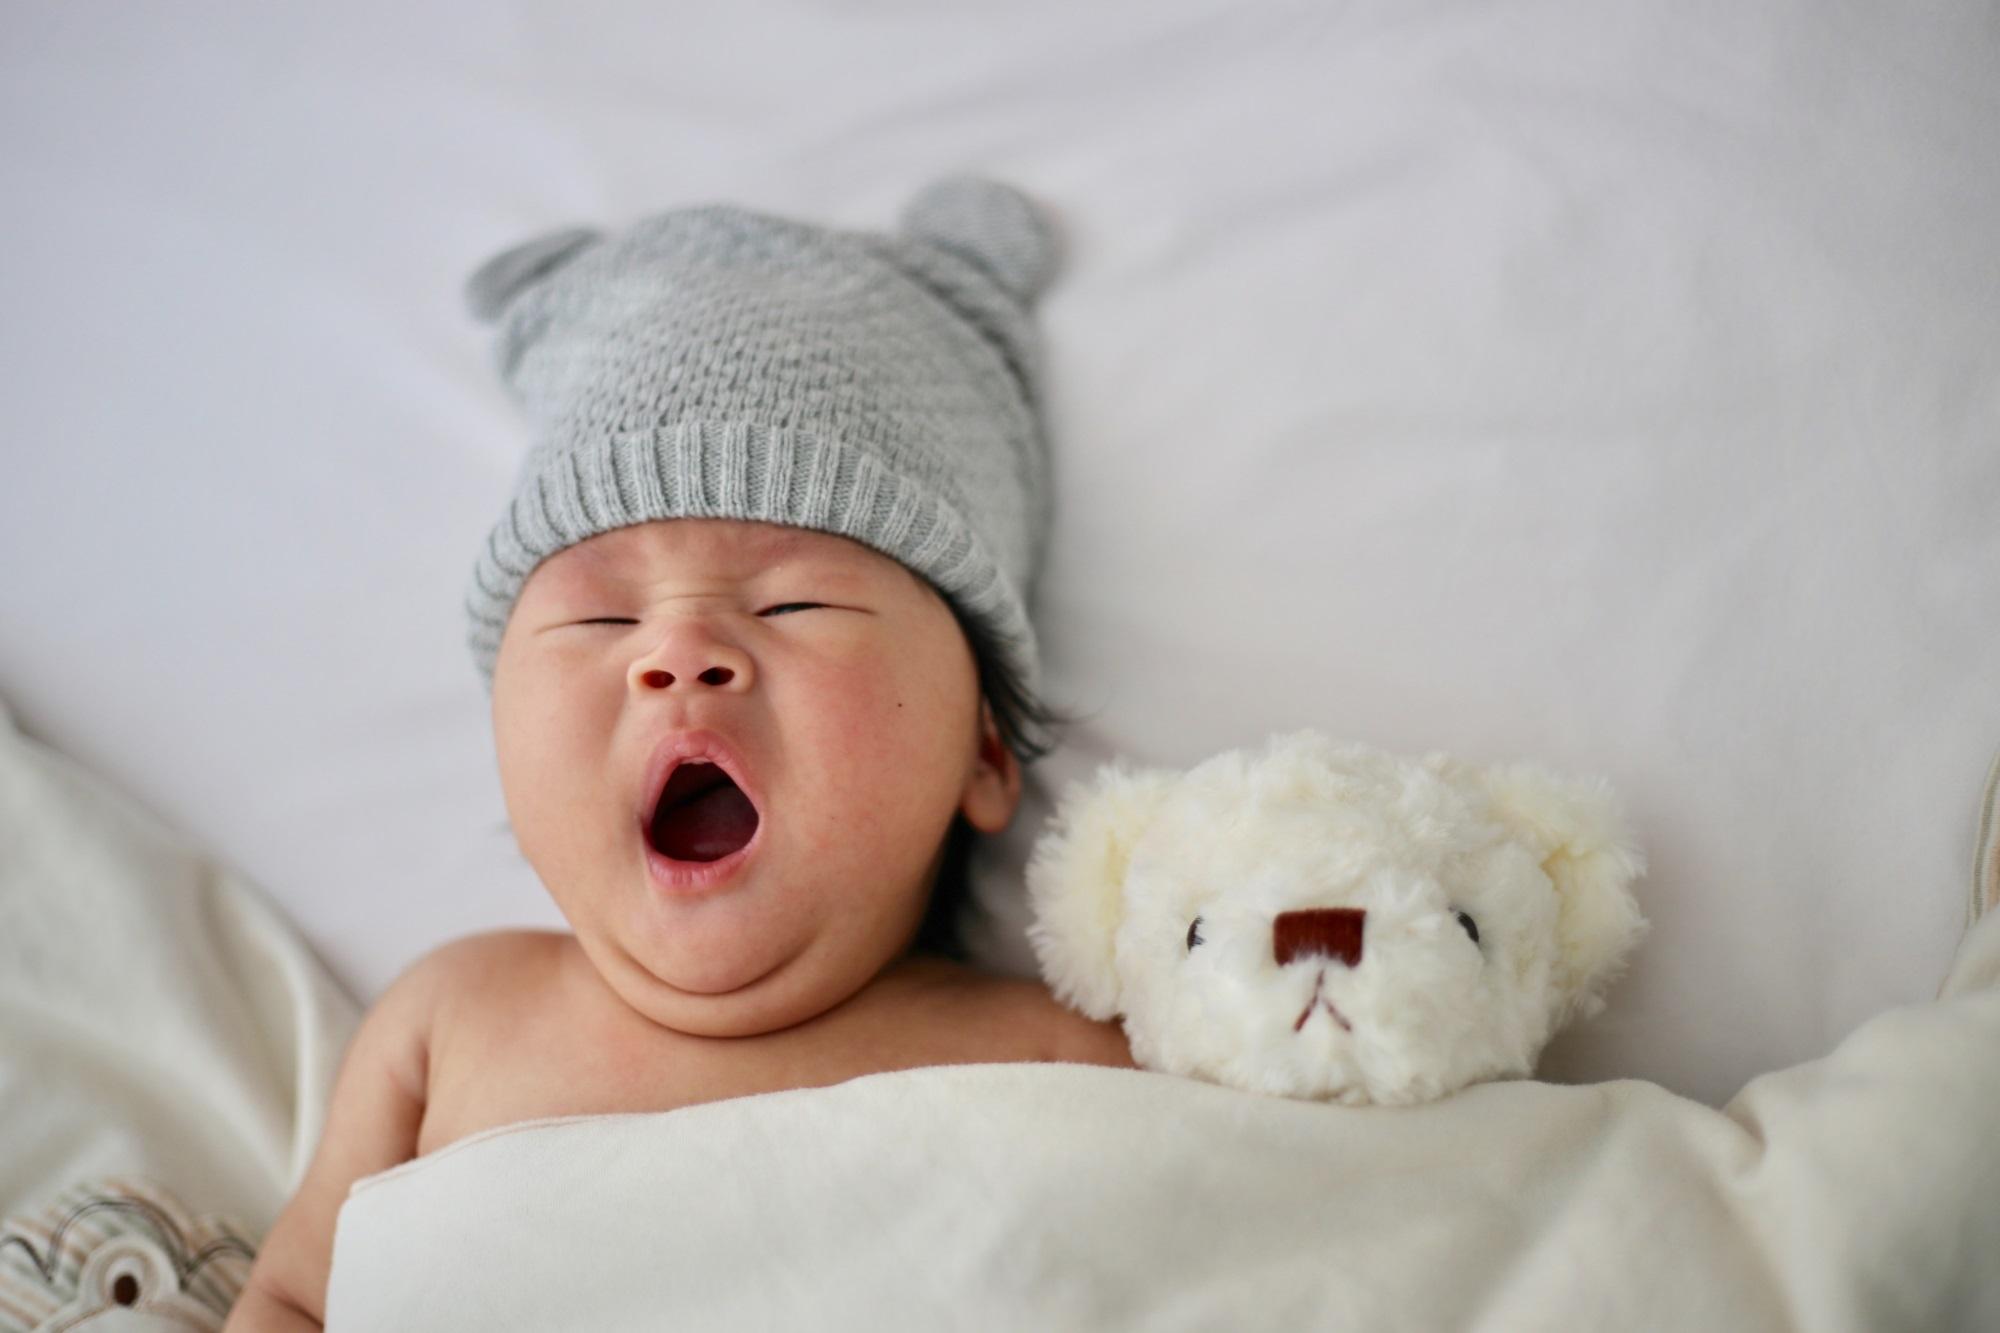 5 mẹo đơn giản bố mẹ nên làm để giúp trẻ sơ sinh khỏe mạnh - Ảnh 5